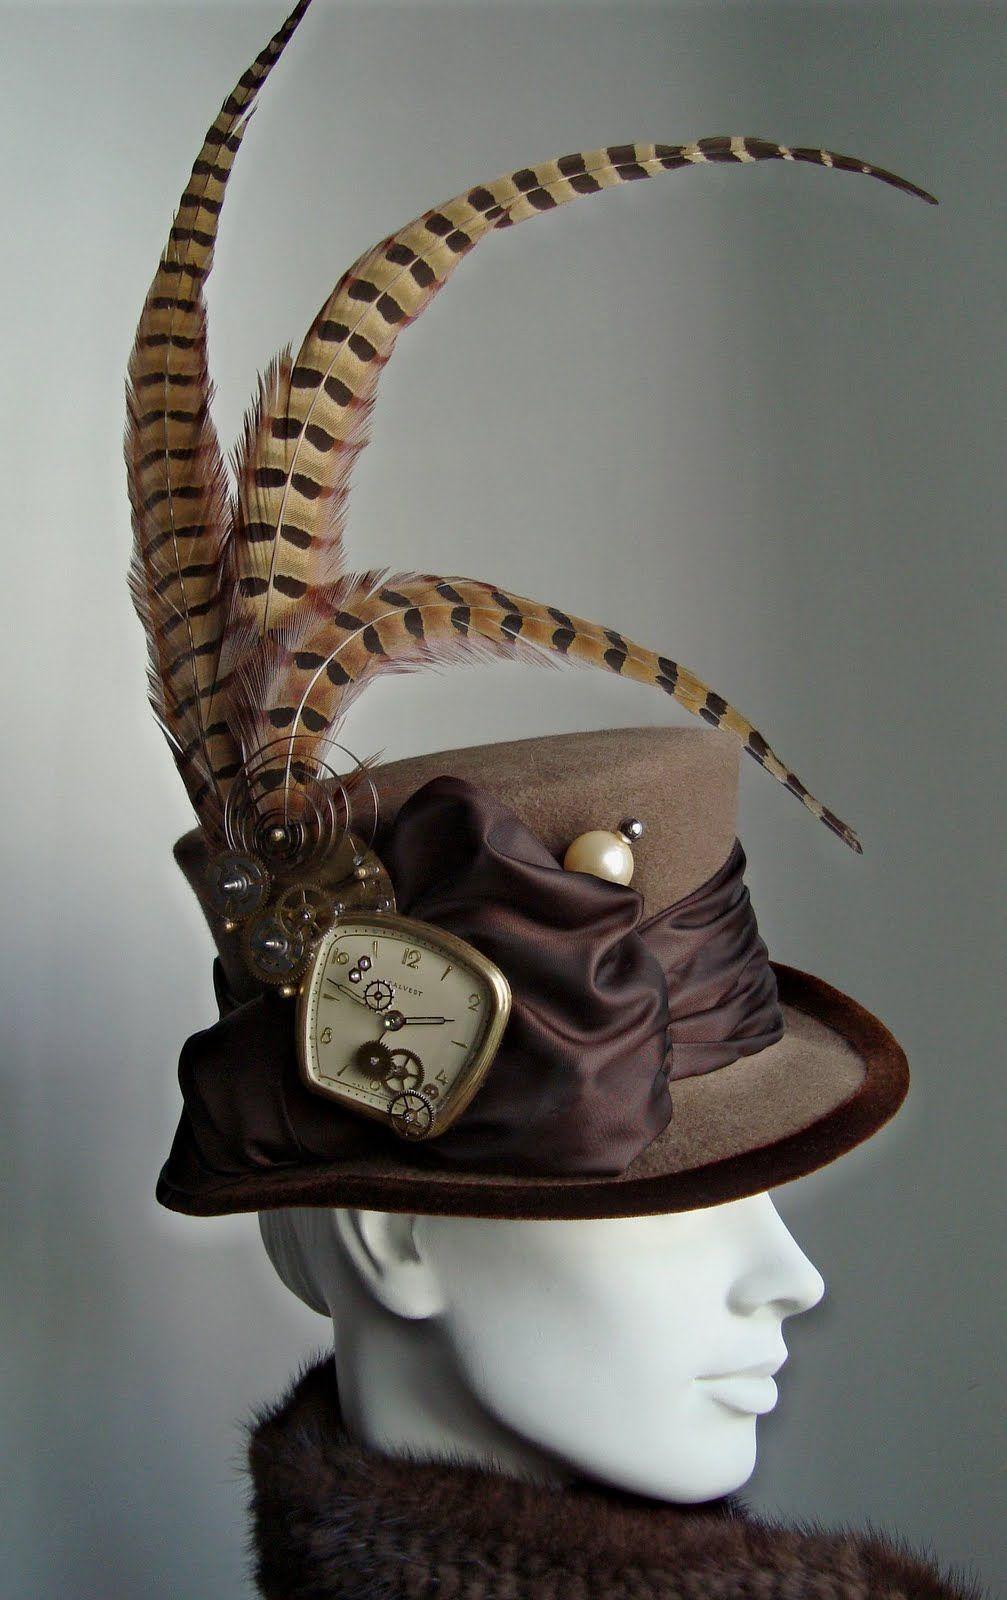 Sombrero con reloj Buscar con Google GoGo Dot Pinterest